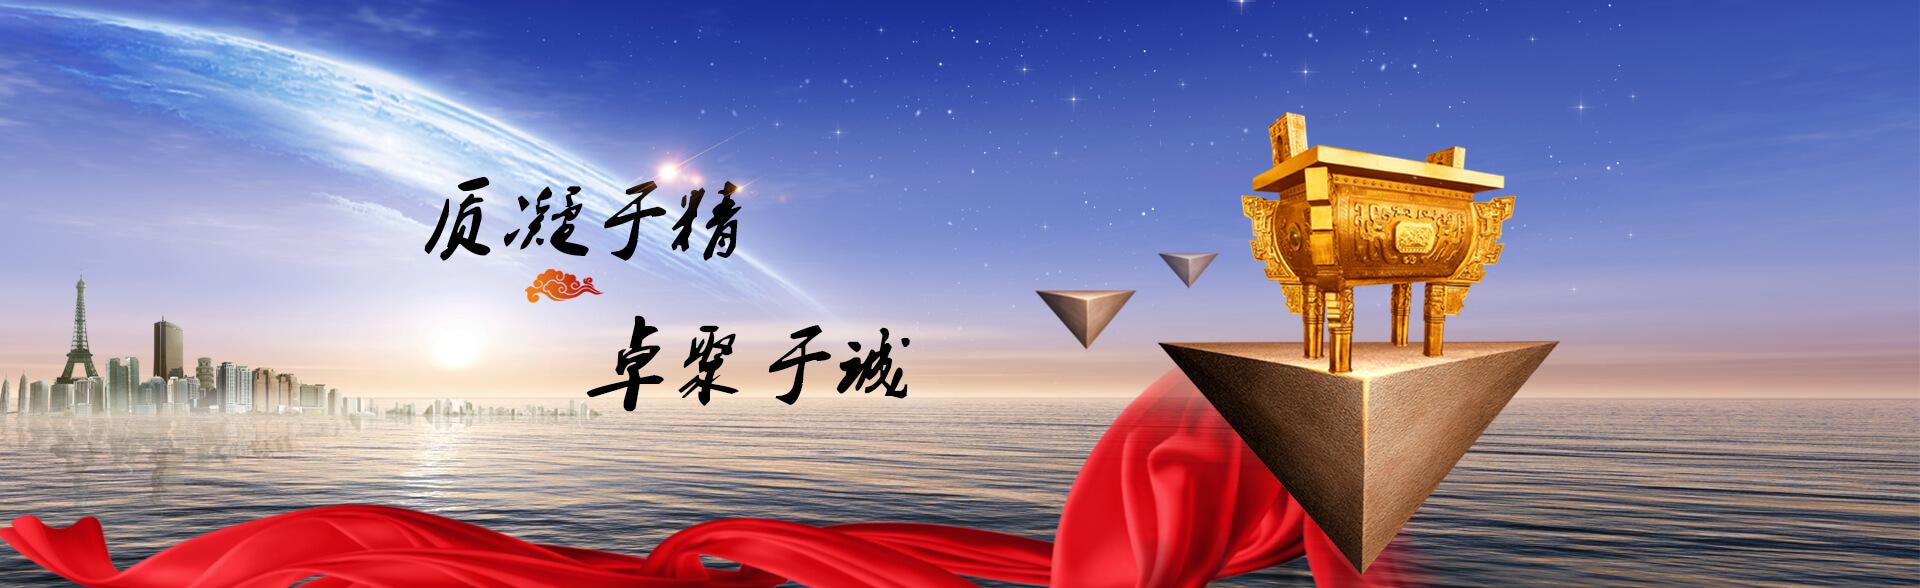 西安商标注册,西安专利申请_公司企业文化之活动掠影-青龙寺_第三张图片